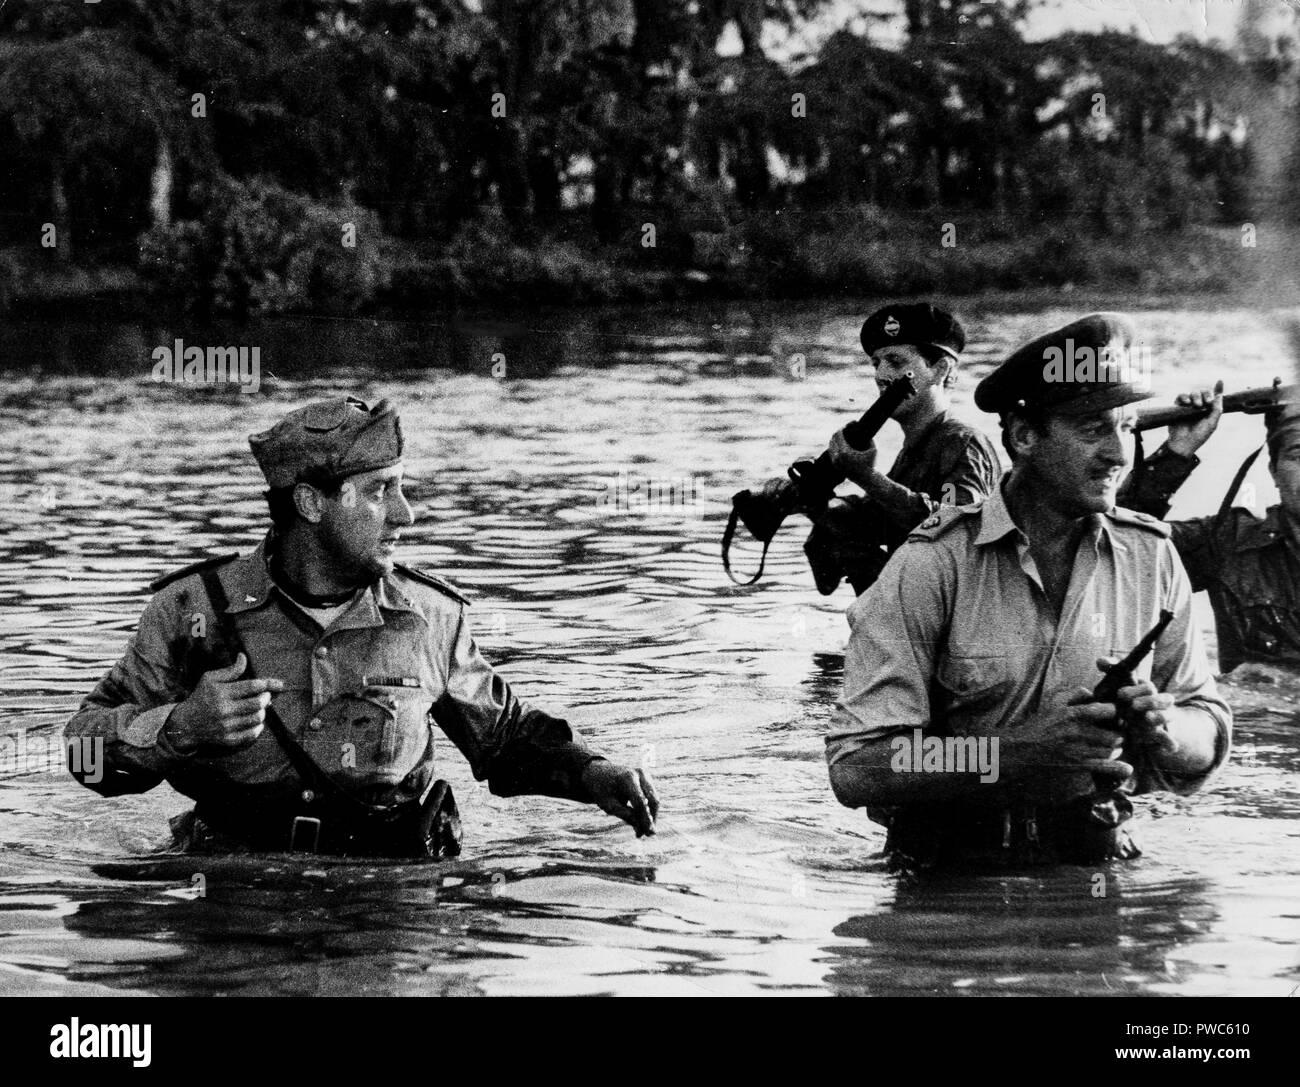 david niven, alberto sordi, the best of enemies, 1961 - Stock Image